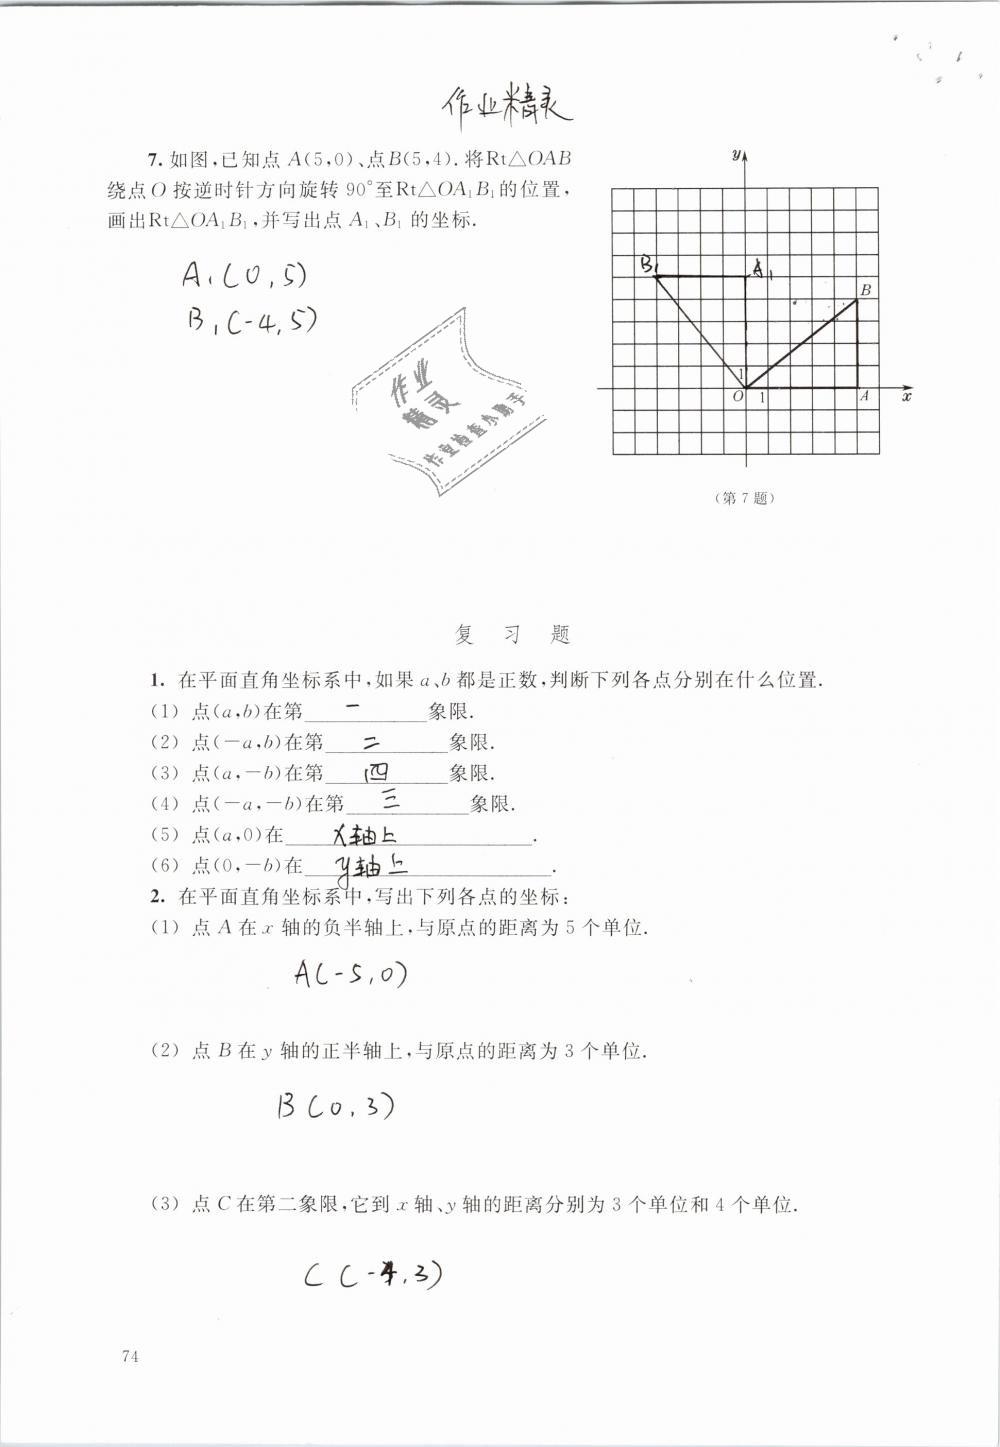 2019年数学练习部分七年级第二学期第74页